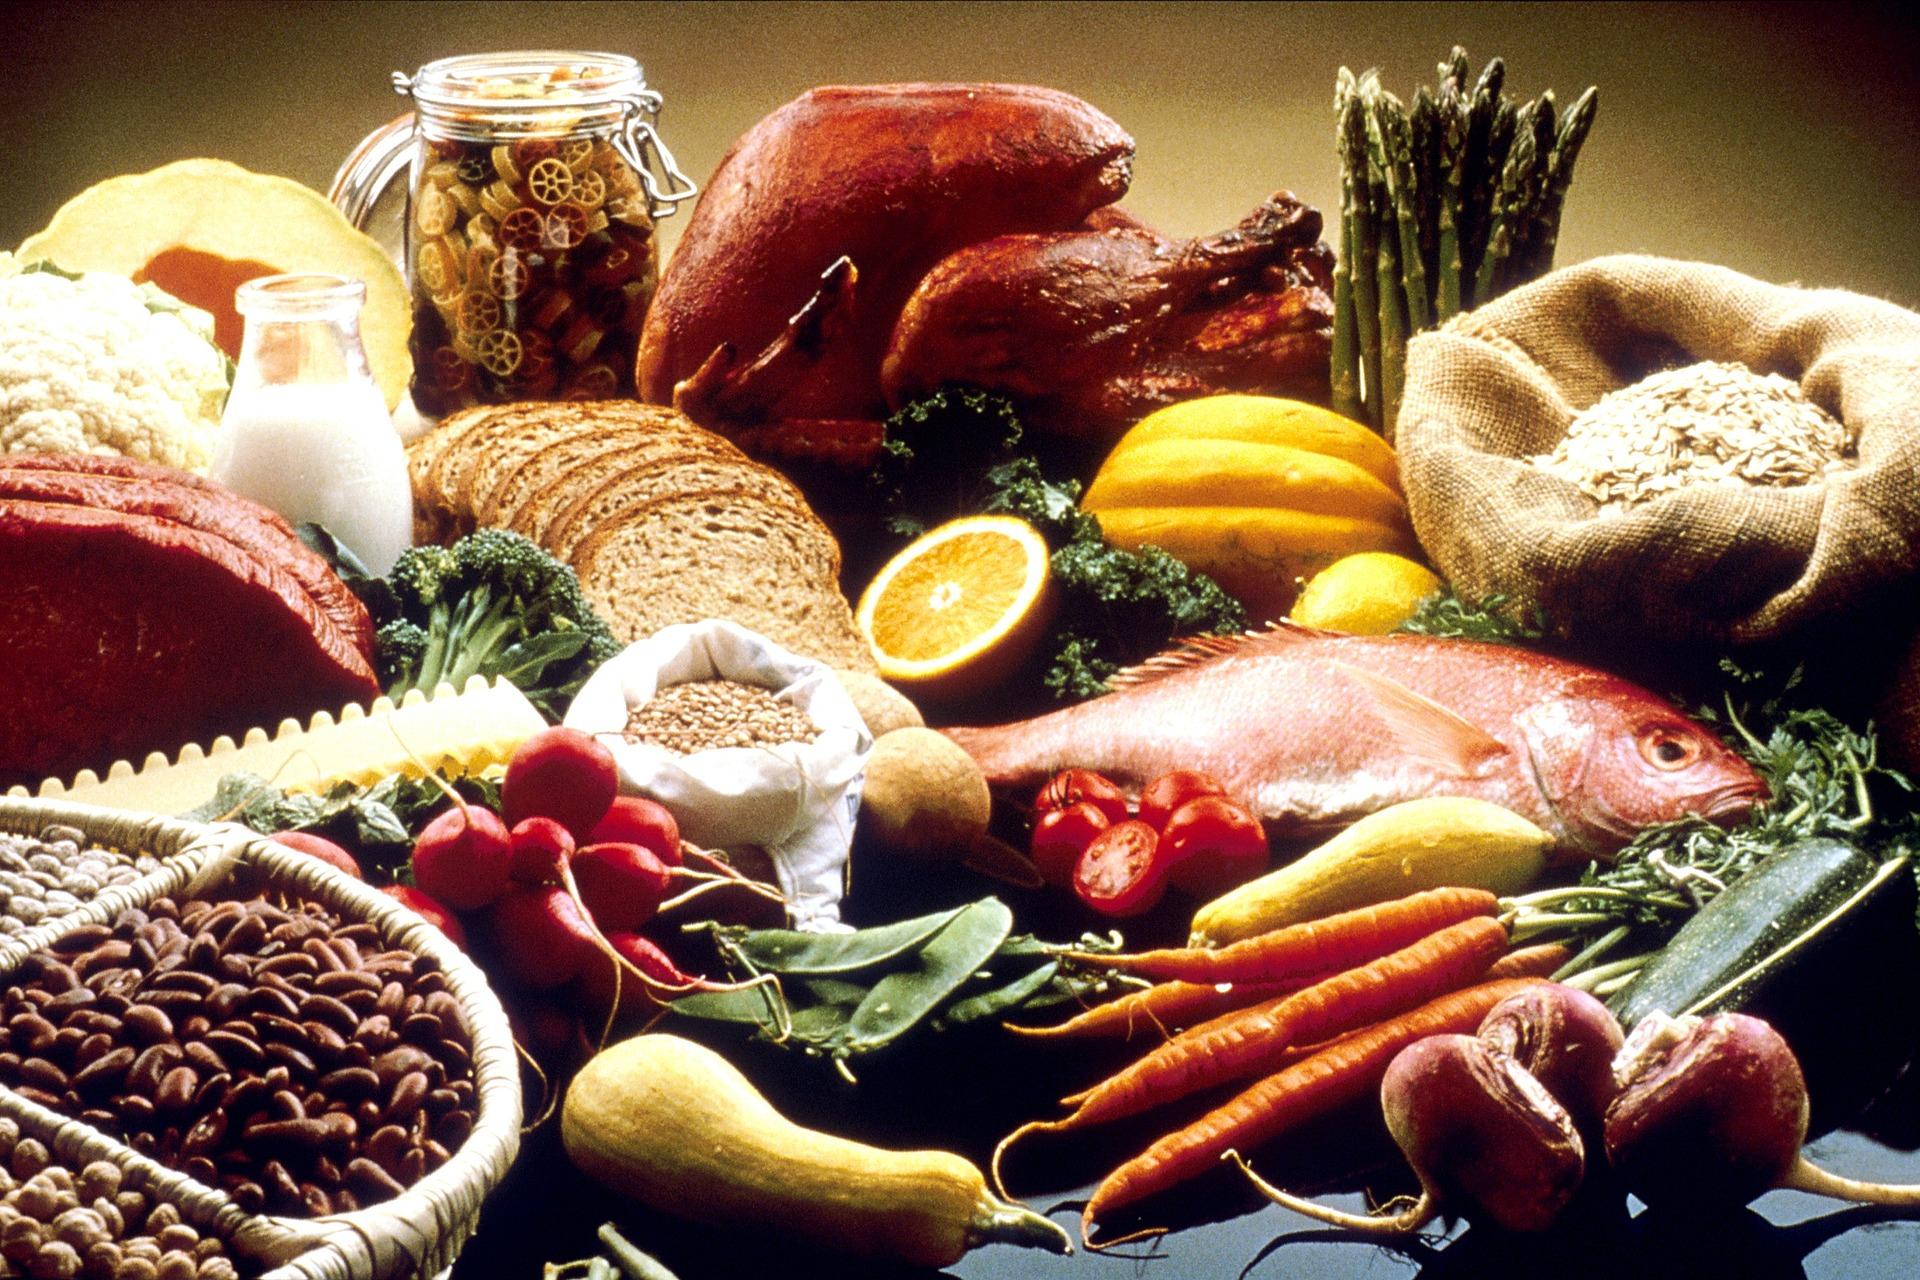 Zdrávé jídlo - jíst zdravě